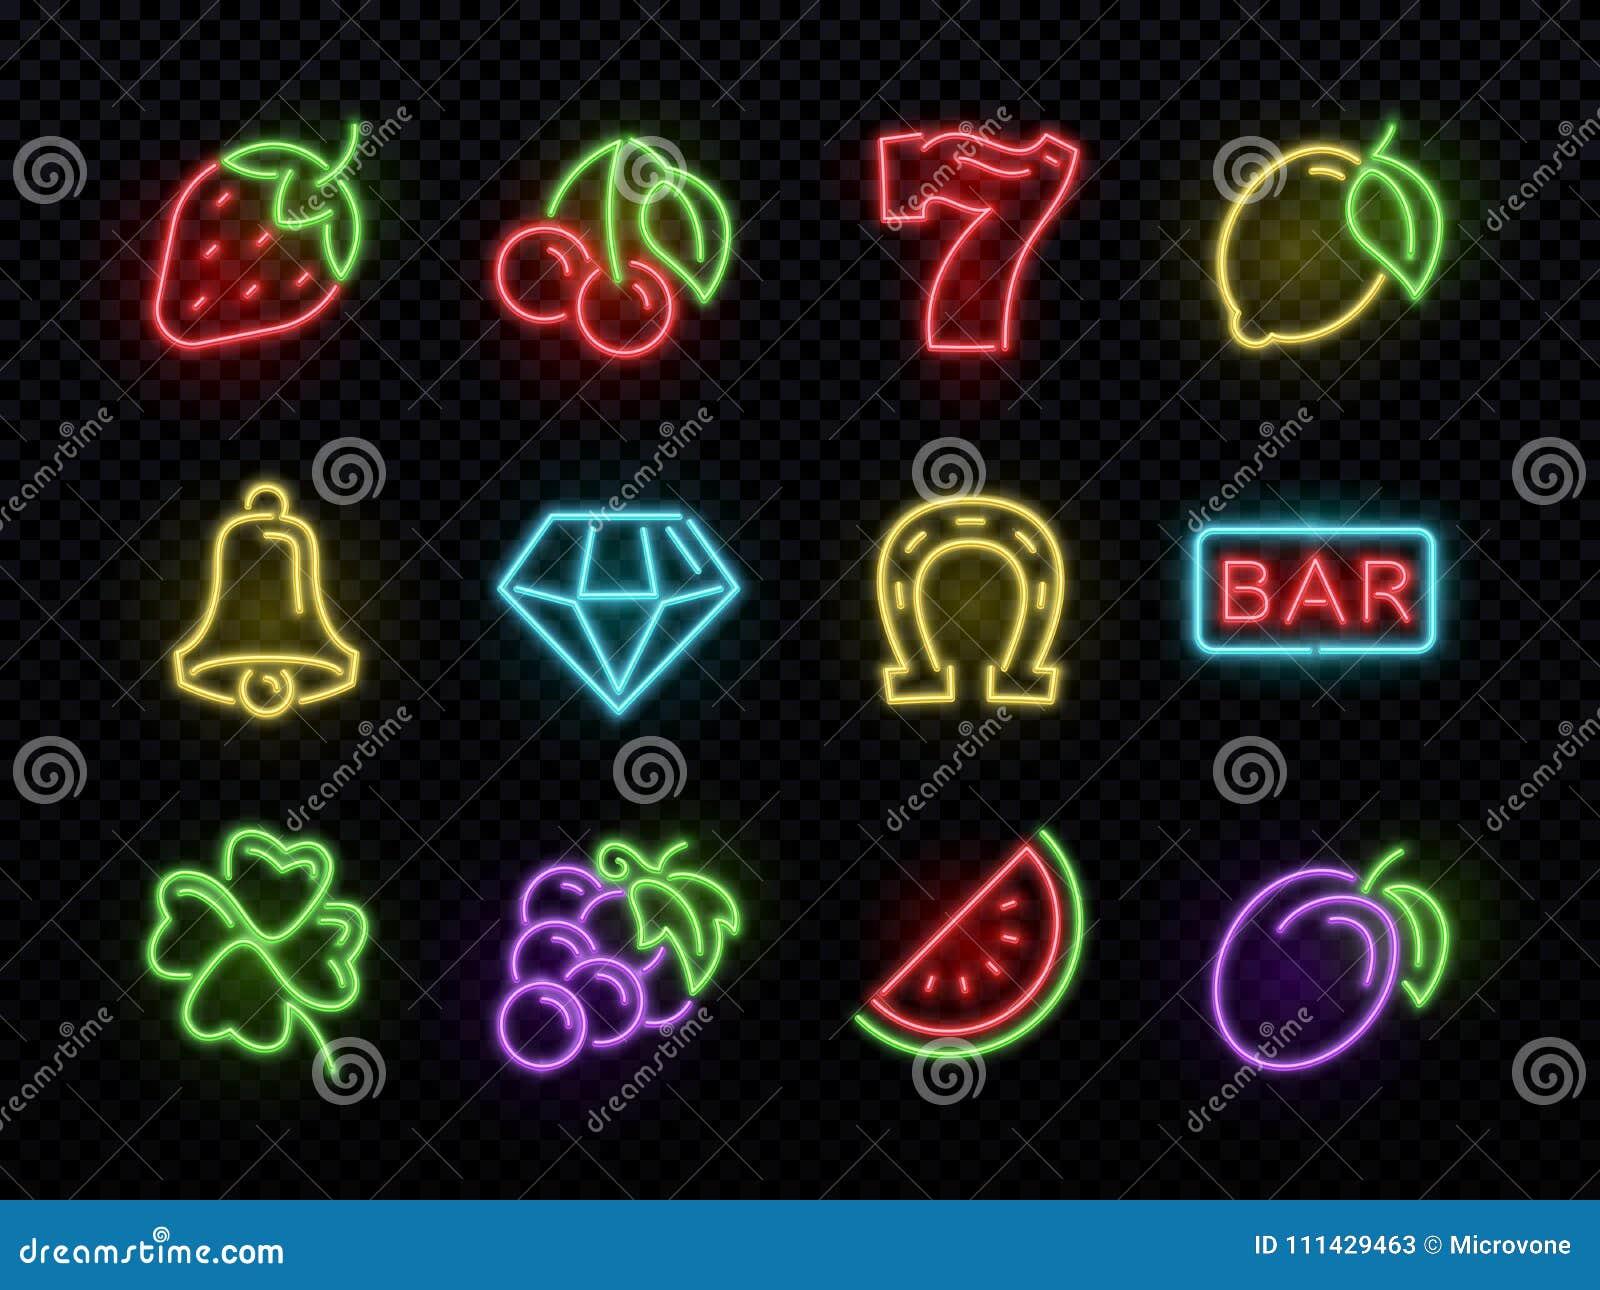 Akzeptieren Sie uns E Schecks Casinos